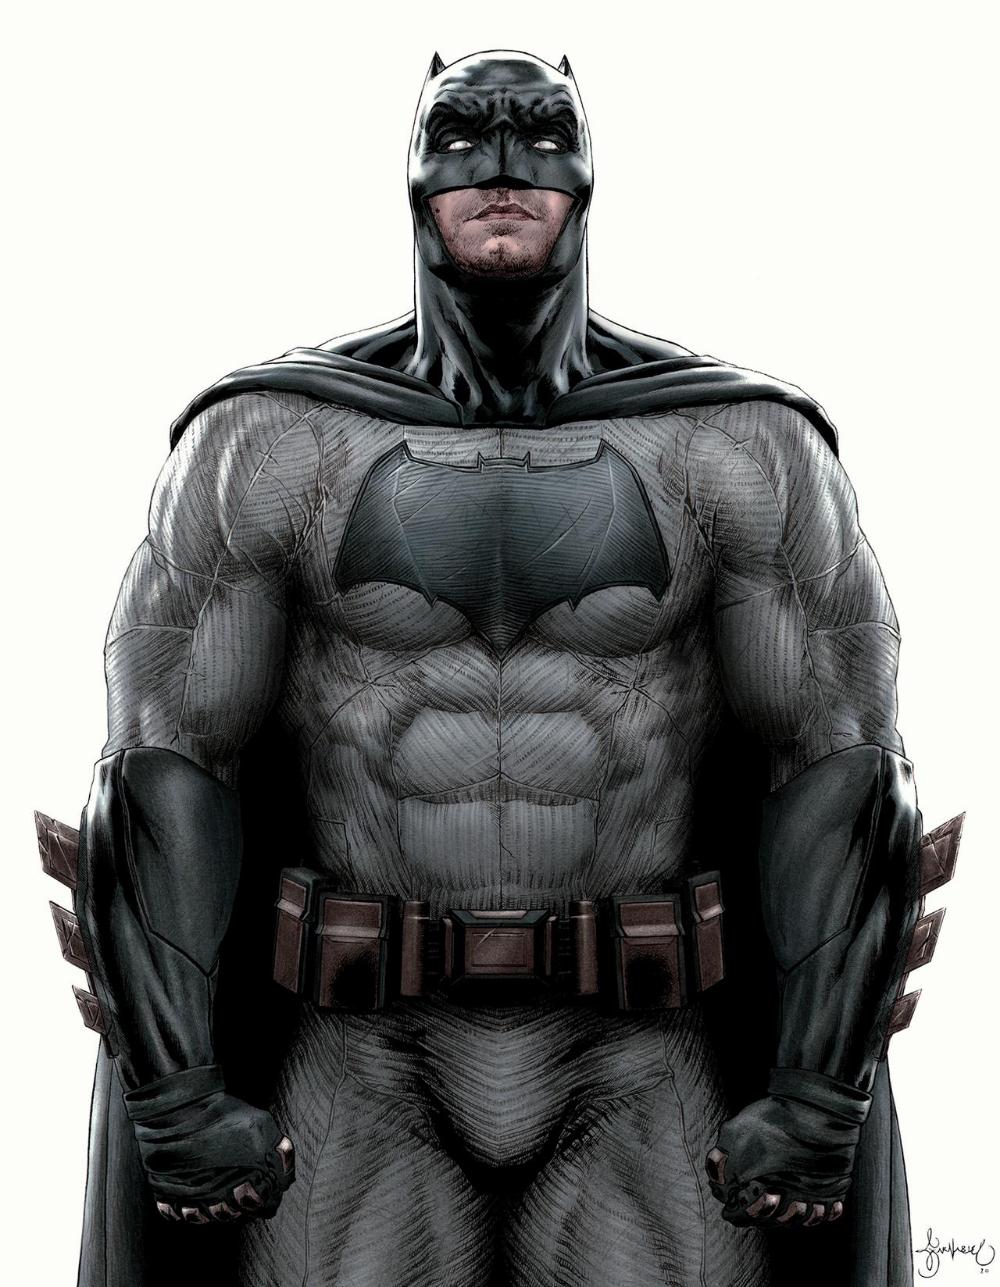 Batman V Superman Batman Color By Garnabiuth On Deviantart In 2021 Batman Batman Artwork Dc Comics Art